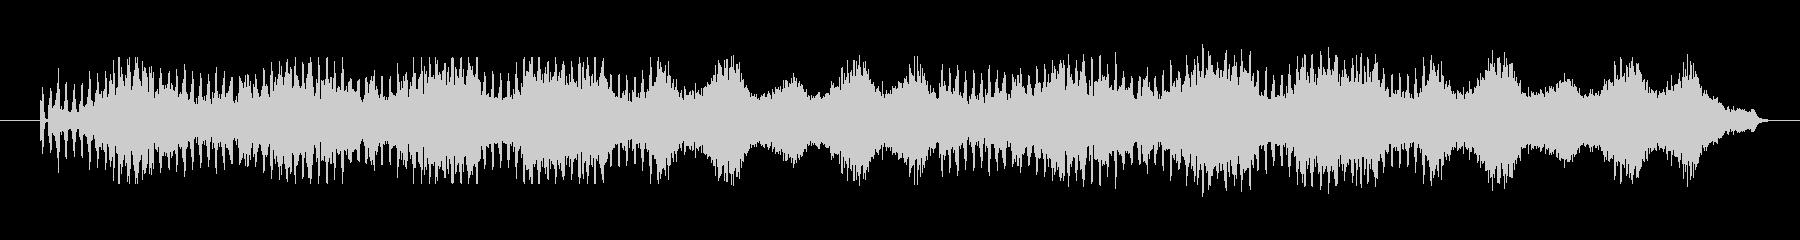 響きにインパクトあって独特なメロディーの未再生の波形